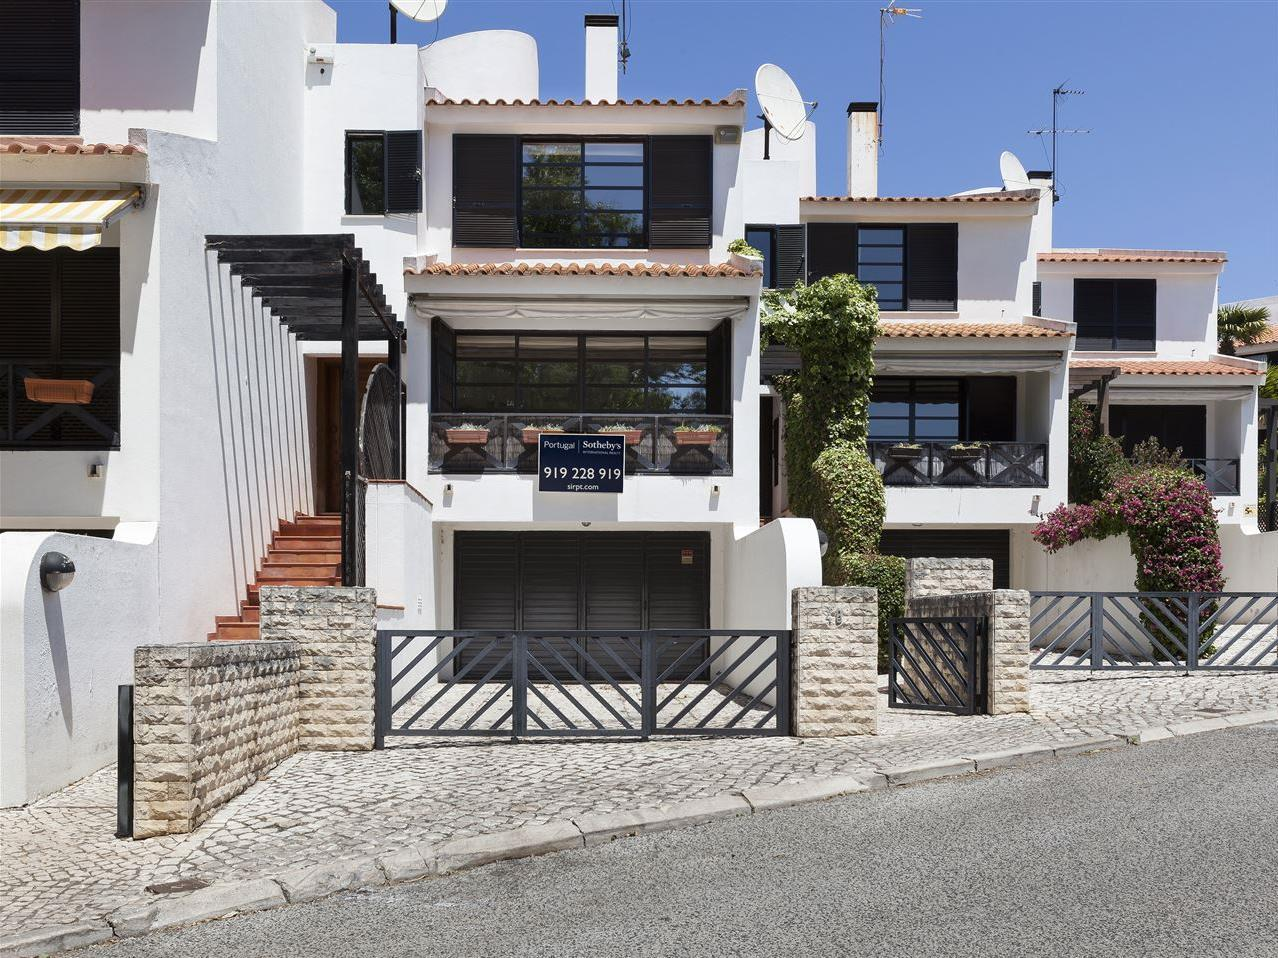 独户住宅 为 销售 在 Terraced house, 3 bedrooms, for Sale Cascais, 葡京 葡萄牙